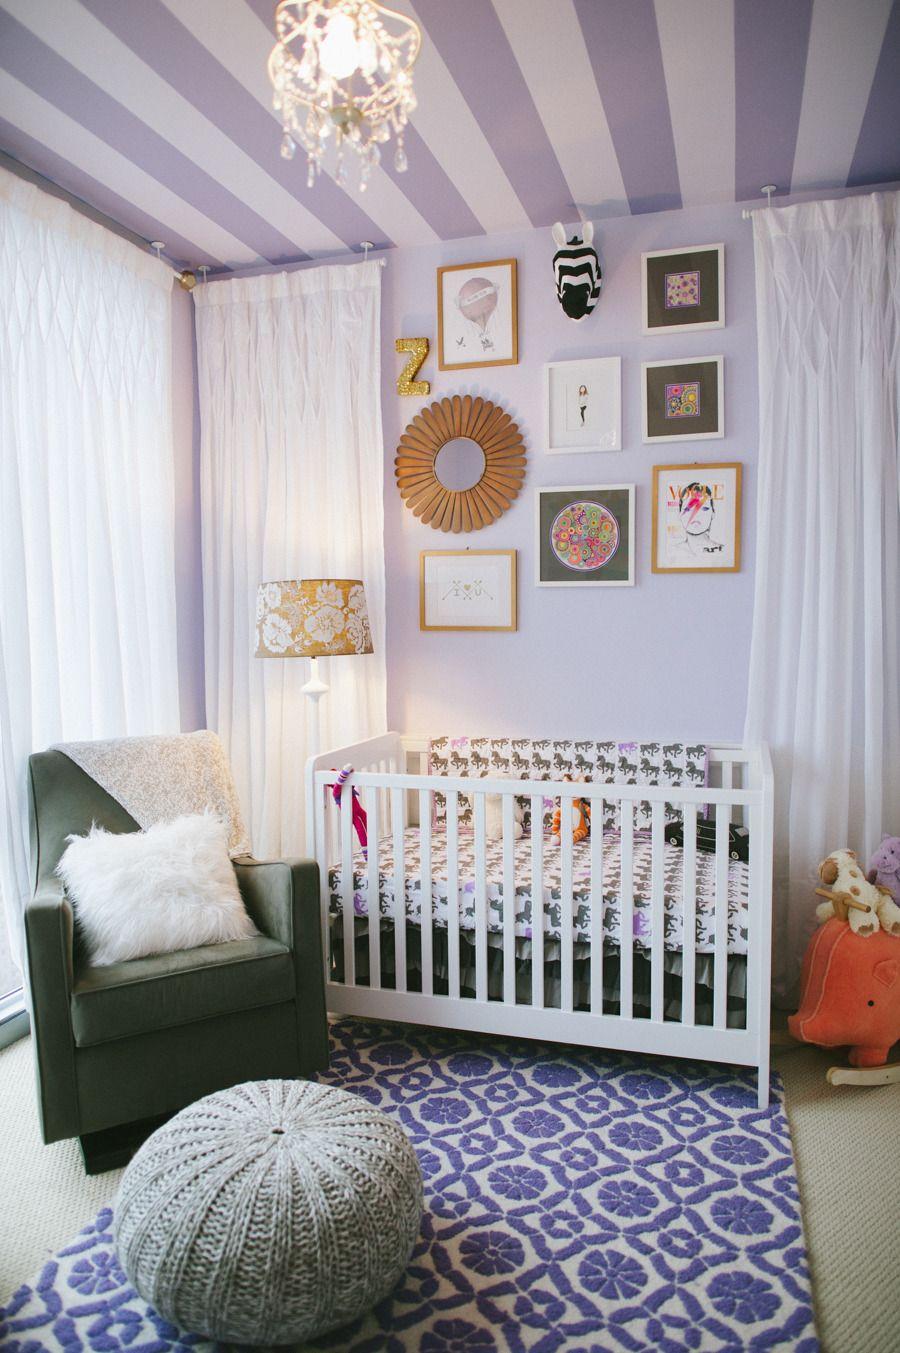 Kinderzimmer wanddekor pin von inez rozbaud auf kids room  pinterest  baby home decor